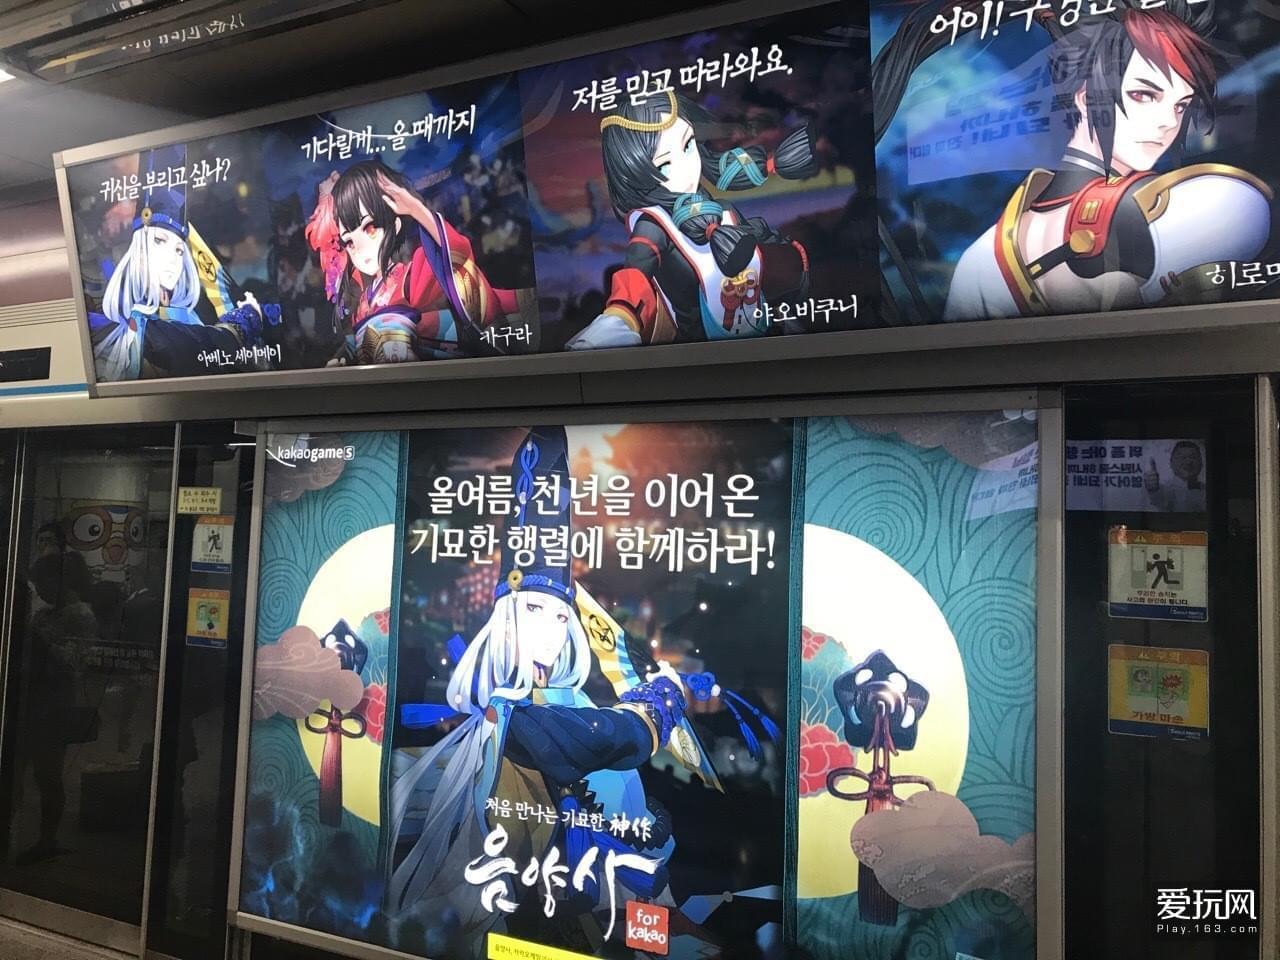 延续巅峰人气 《阴阳师》跻身韩国畅销榜前三